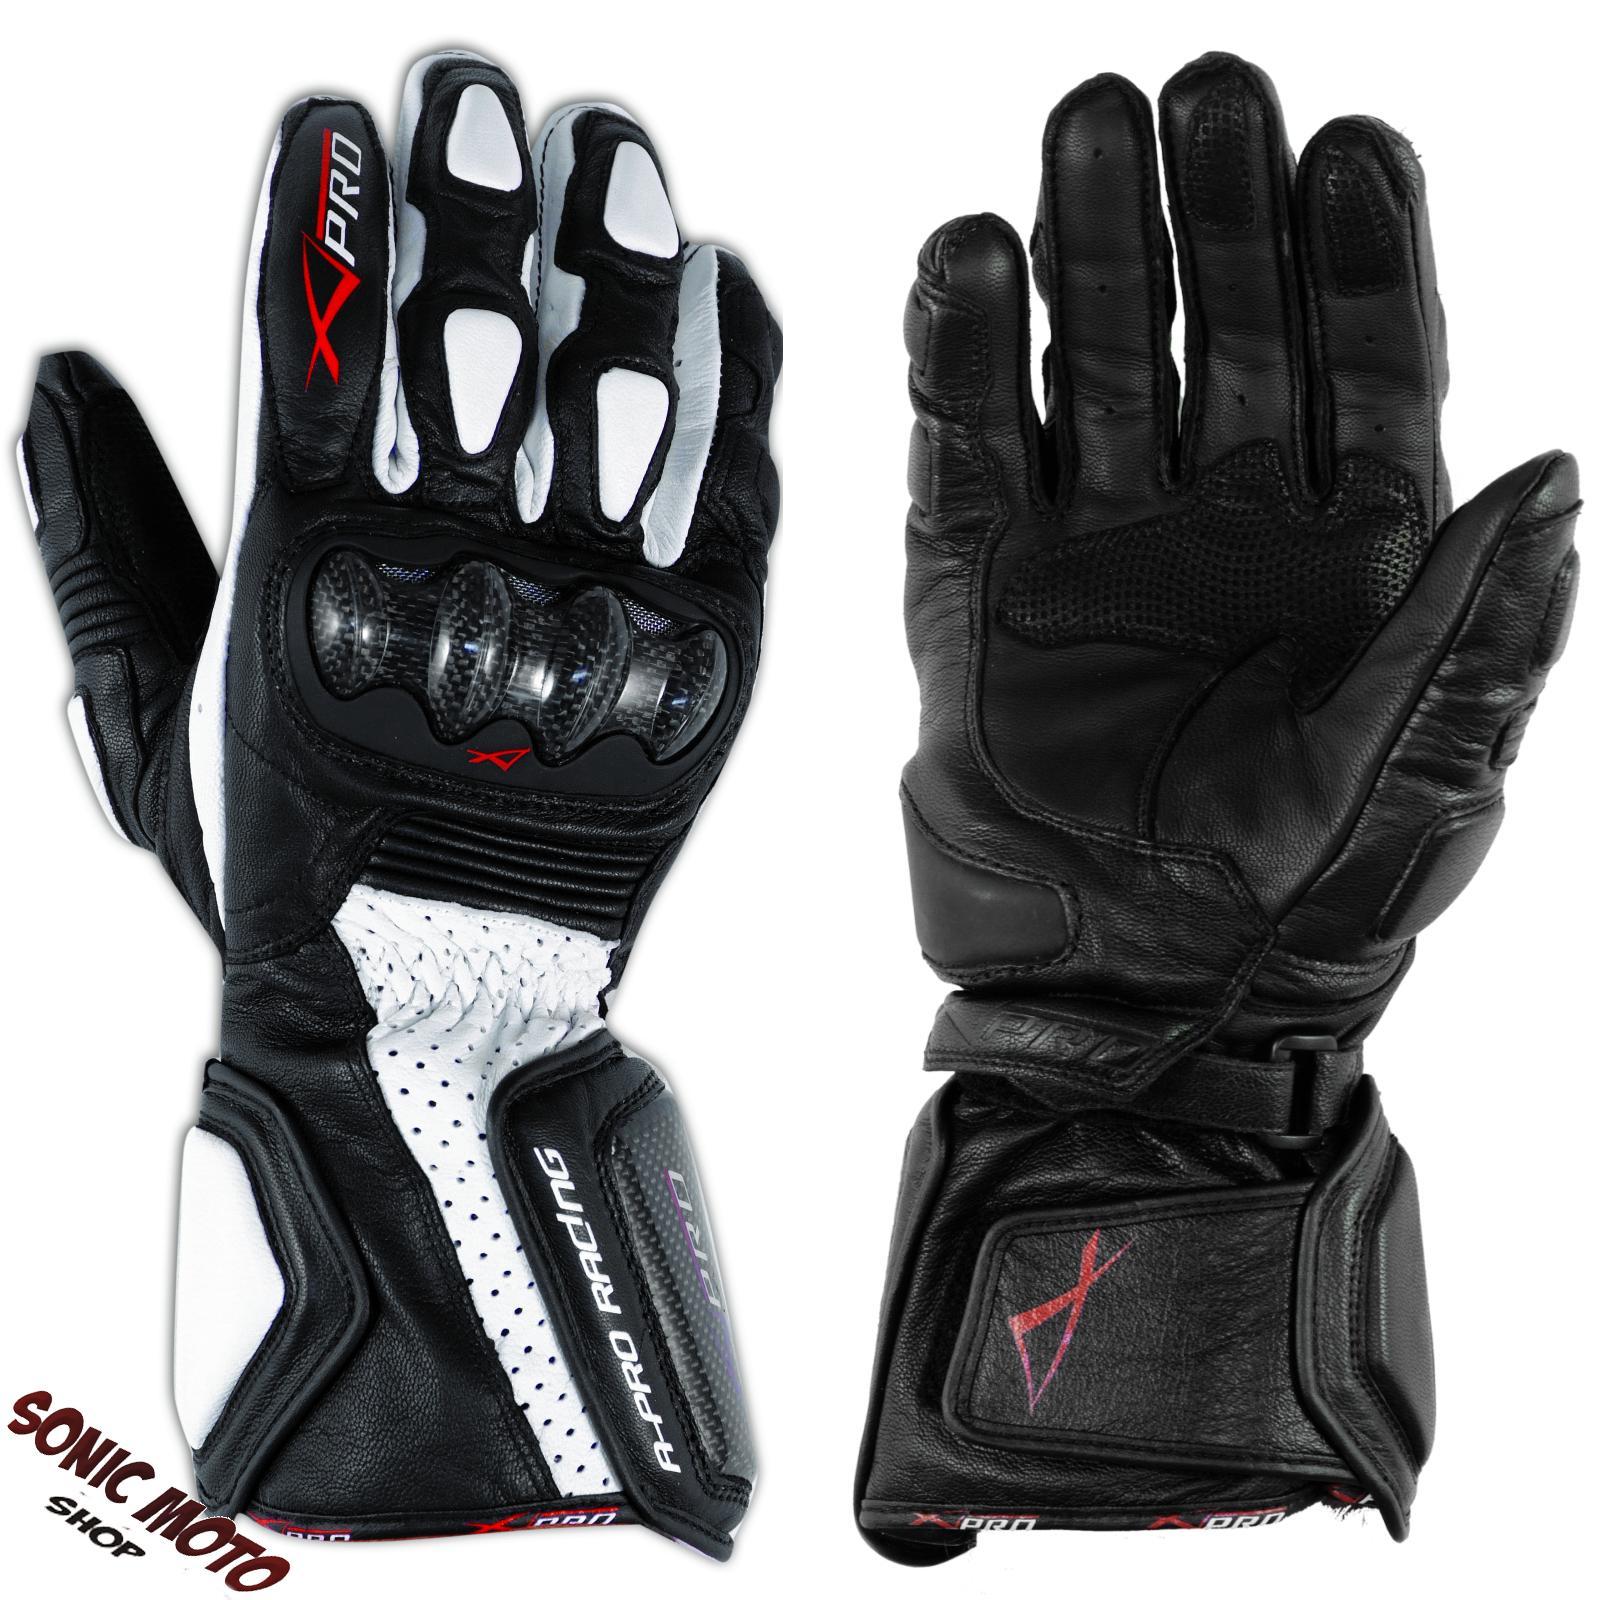 Guanto-Sport-Pista-Moto-Tecnico-Protezioni-Carbonio-Professionale-Pelle-Bianco